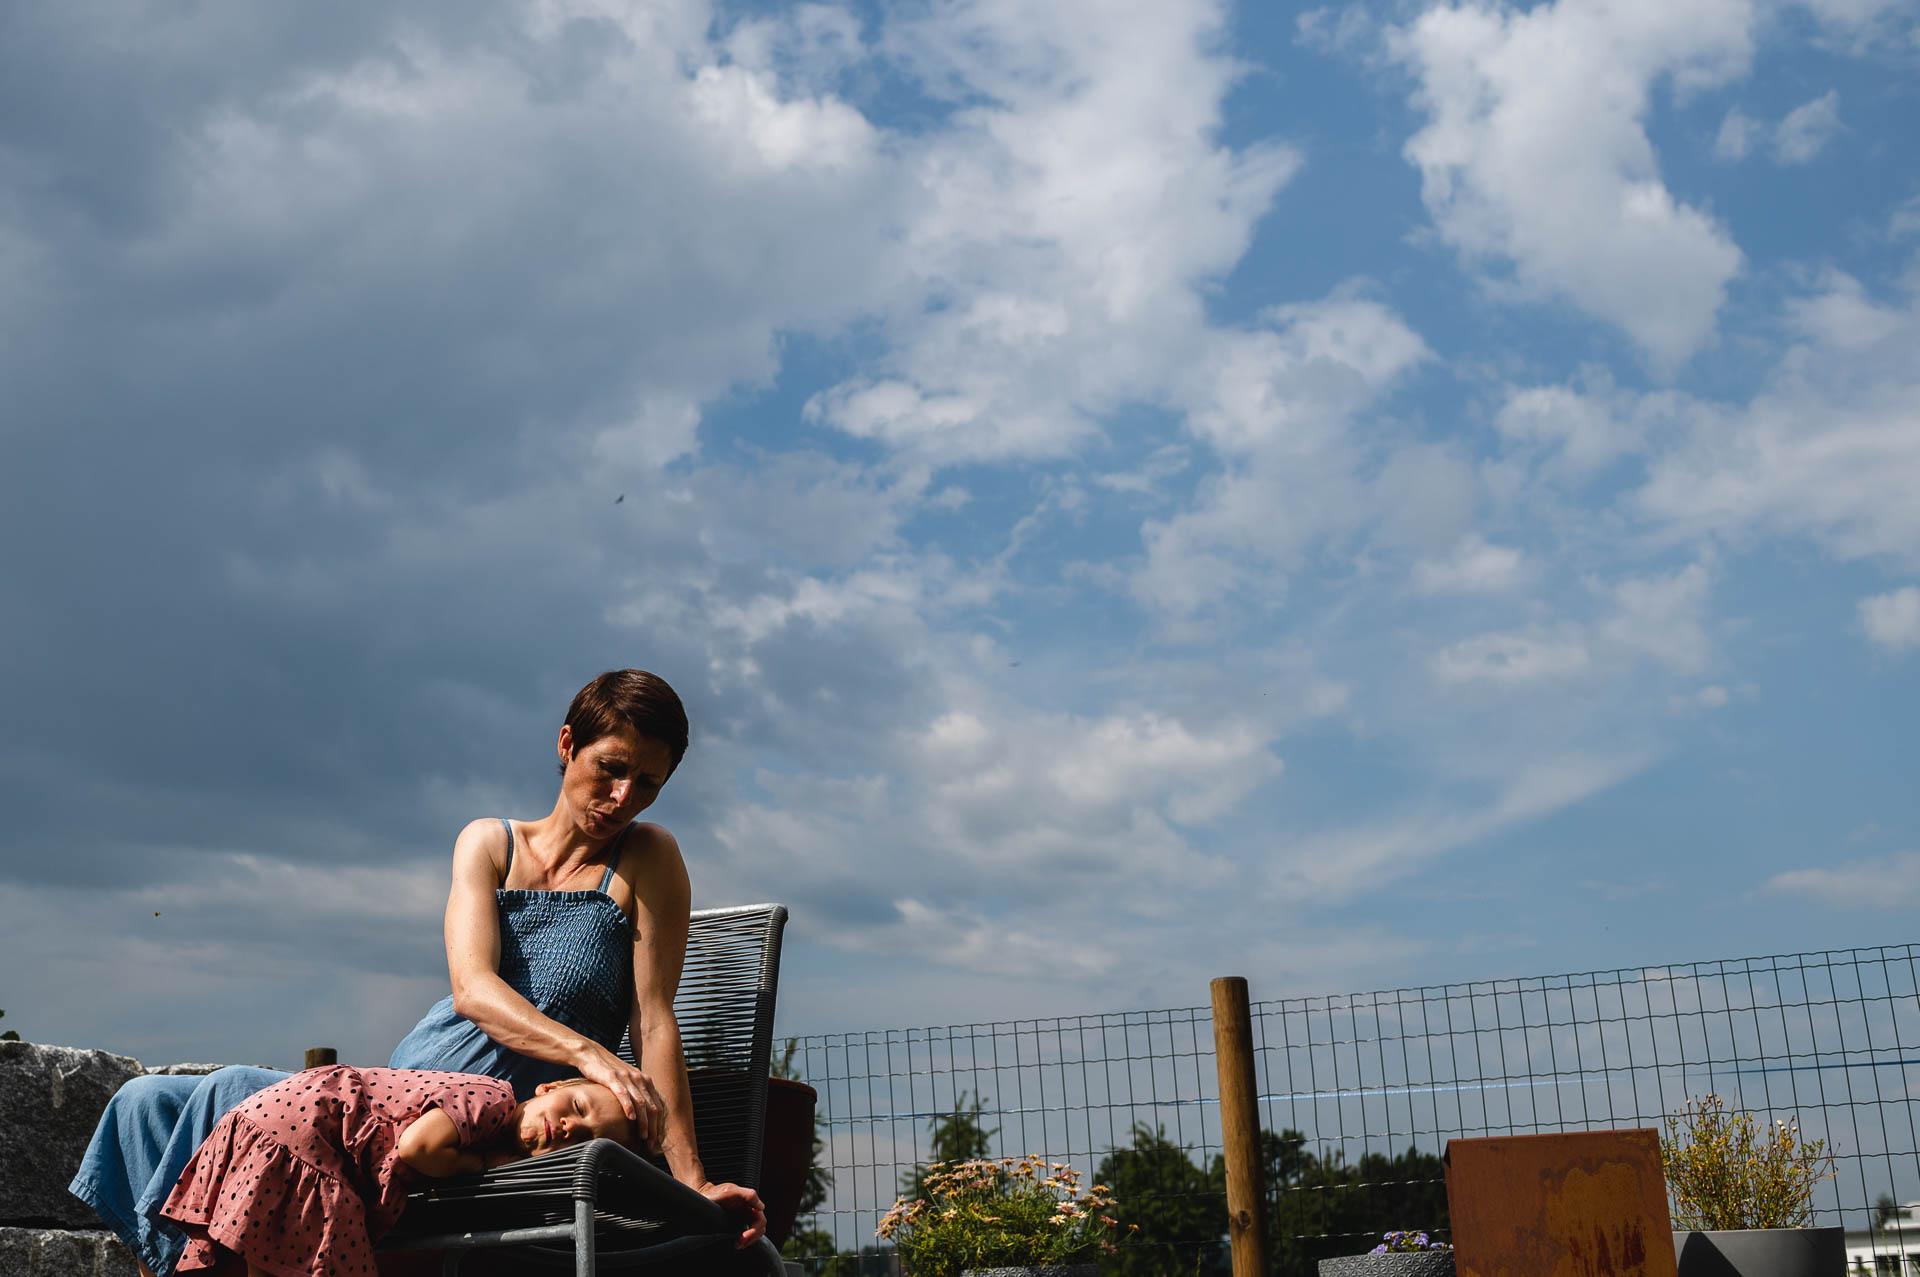 Mutter streichelt Tochter im Gesicht, sie liegt auf dem Stuhl neben der Mutter, der blaue Himmel mit weissen Wolken ist im Hintergrund